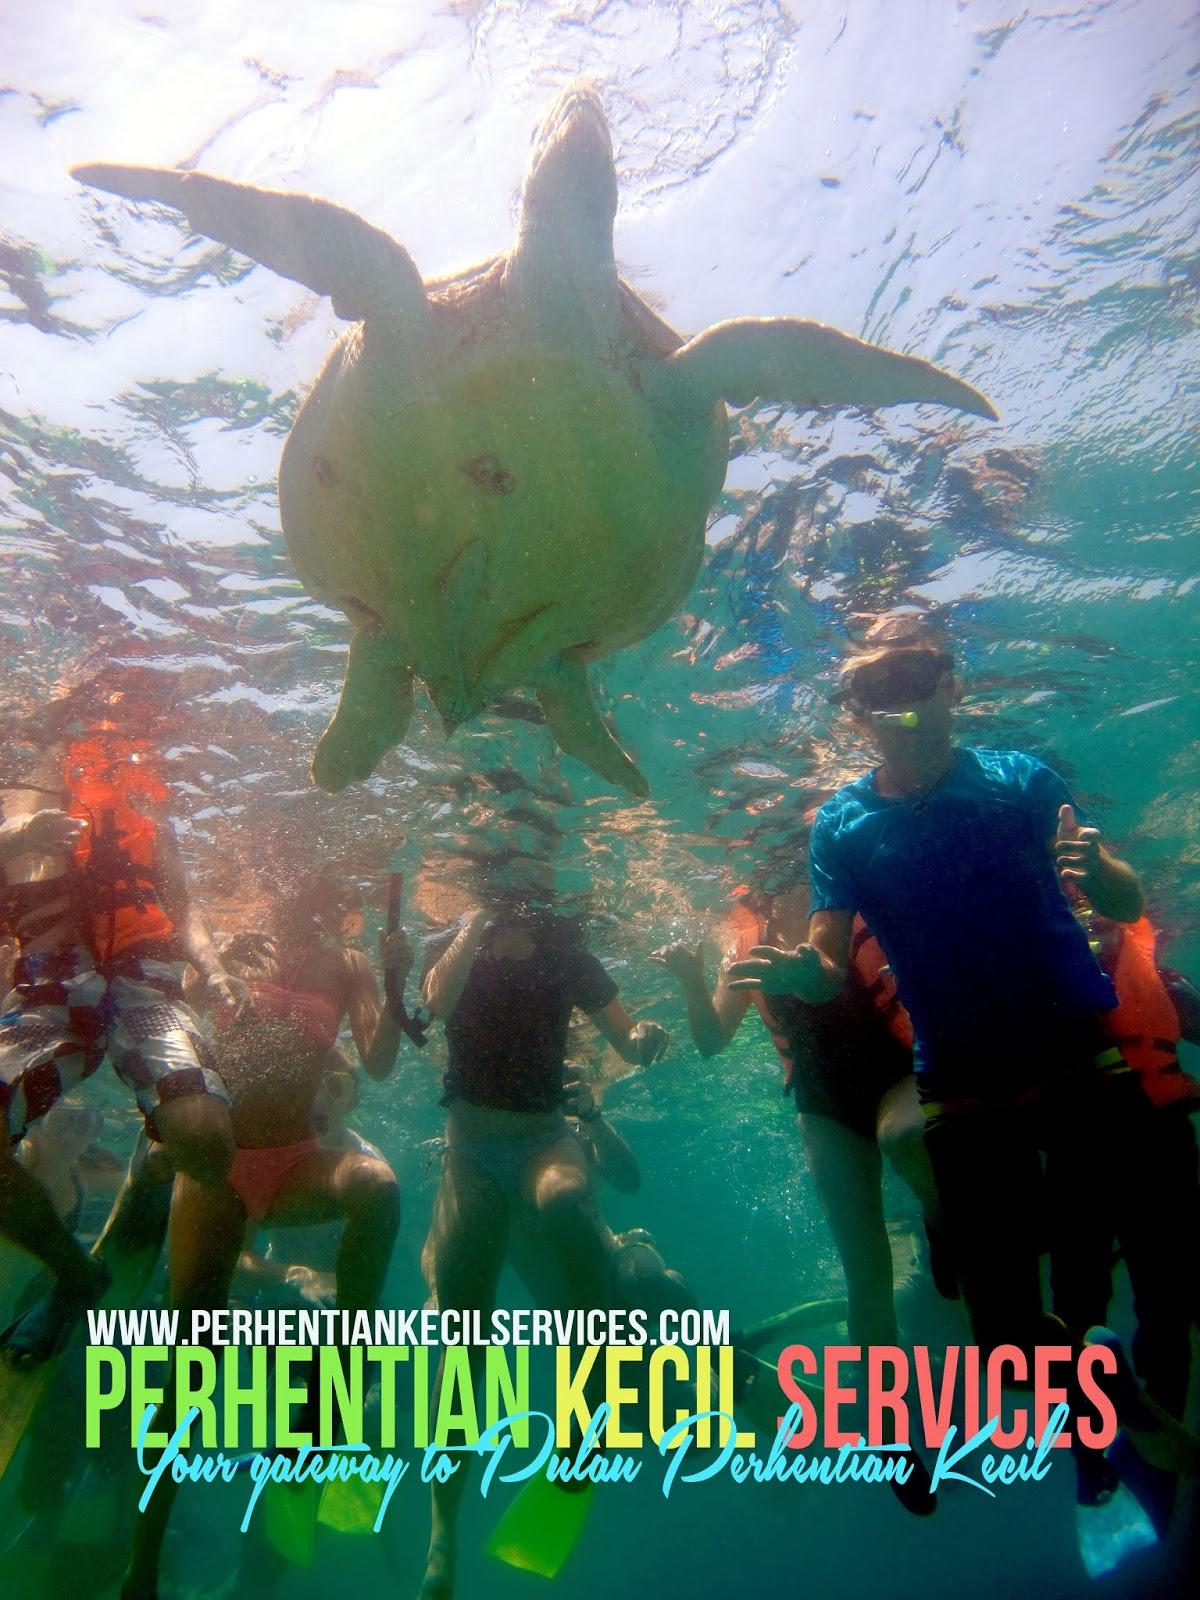 Pakej snorkeling pulau perhentian, pakej percutian perhentian 2014, pakej bajet pulau perhentian, pakej murah pulau, pakej pulau malaysia